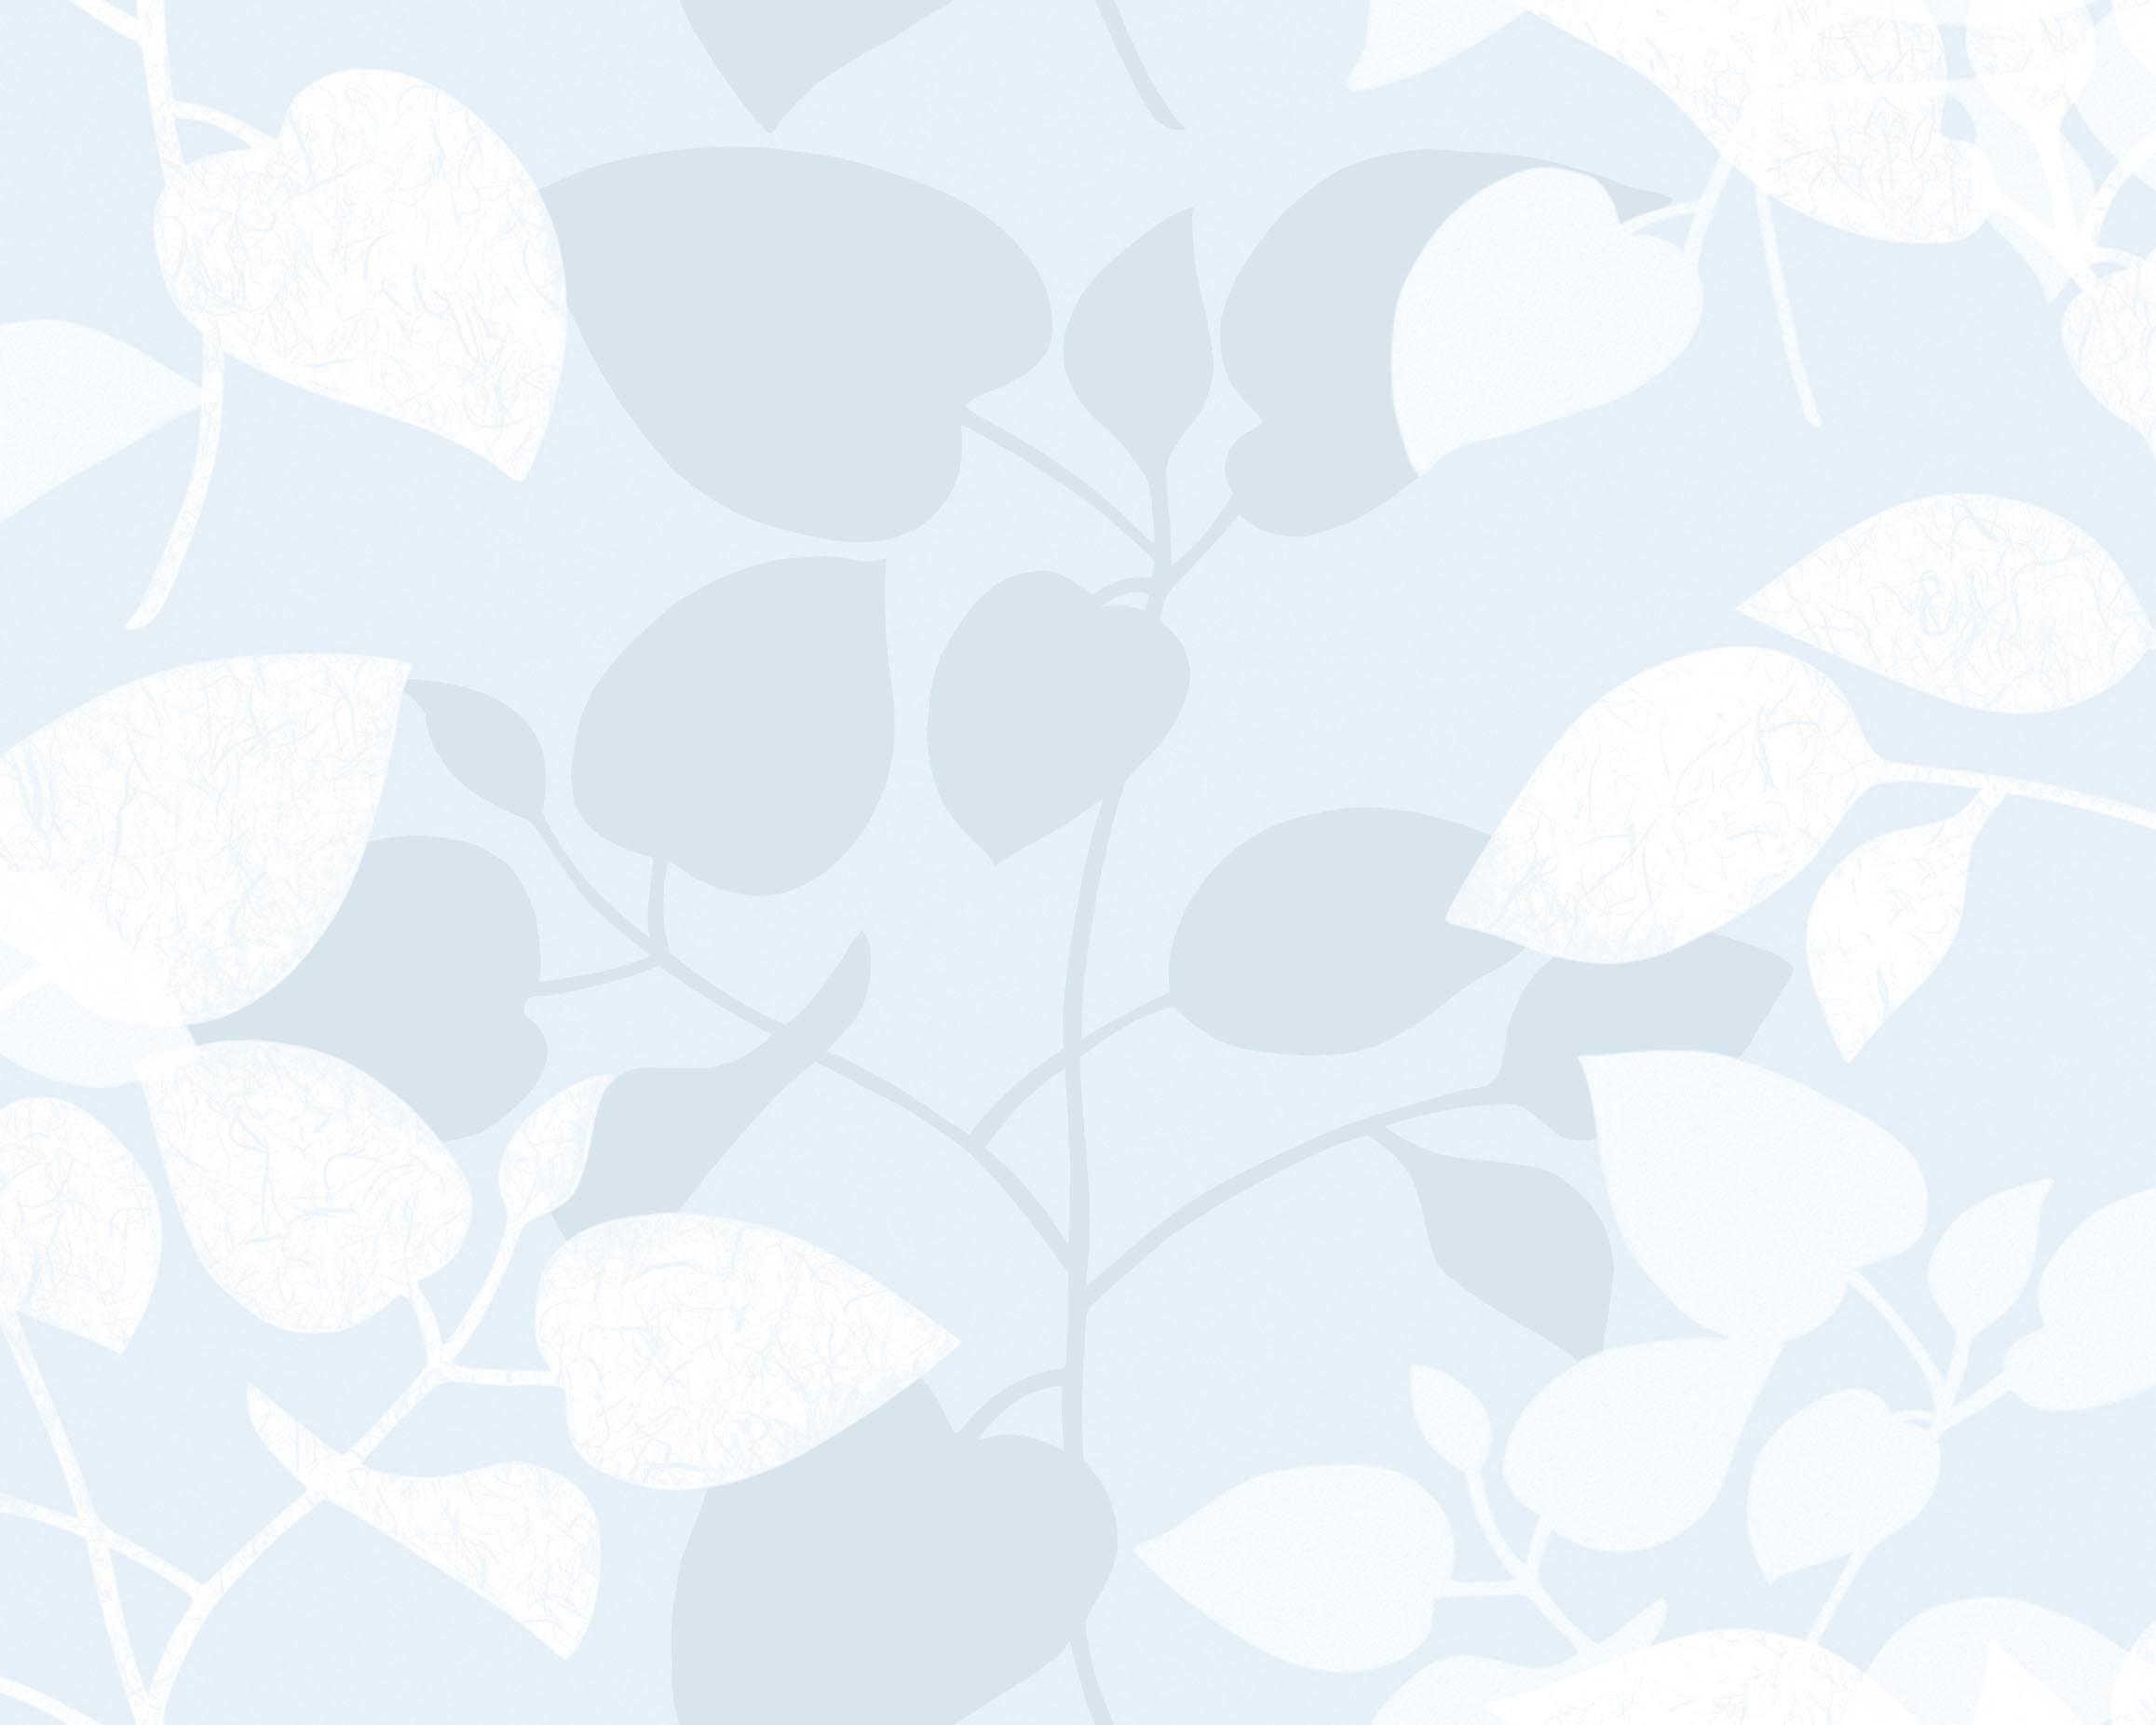 Fensterfolie, »Amena«, 95% UV-Schutz, halbtransparent